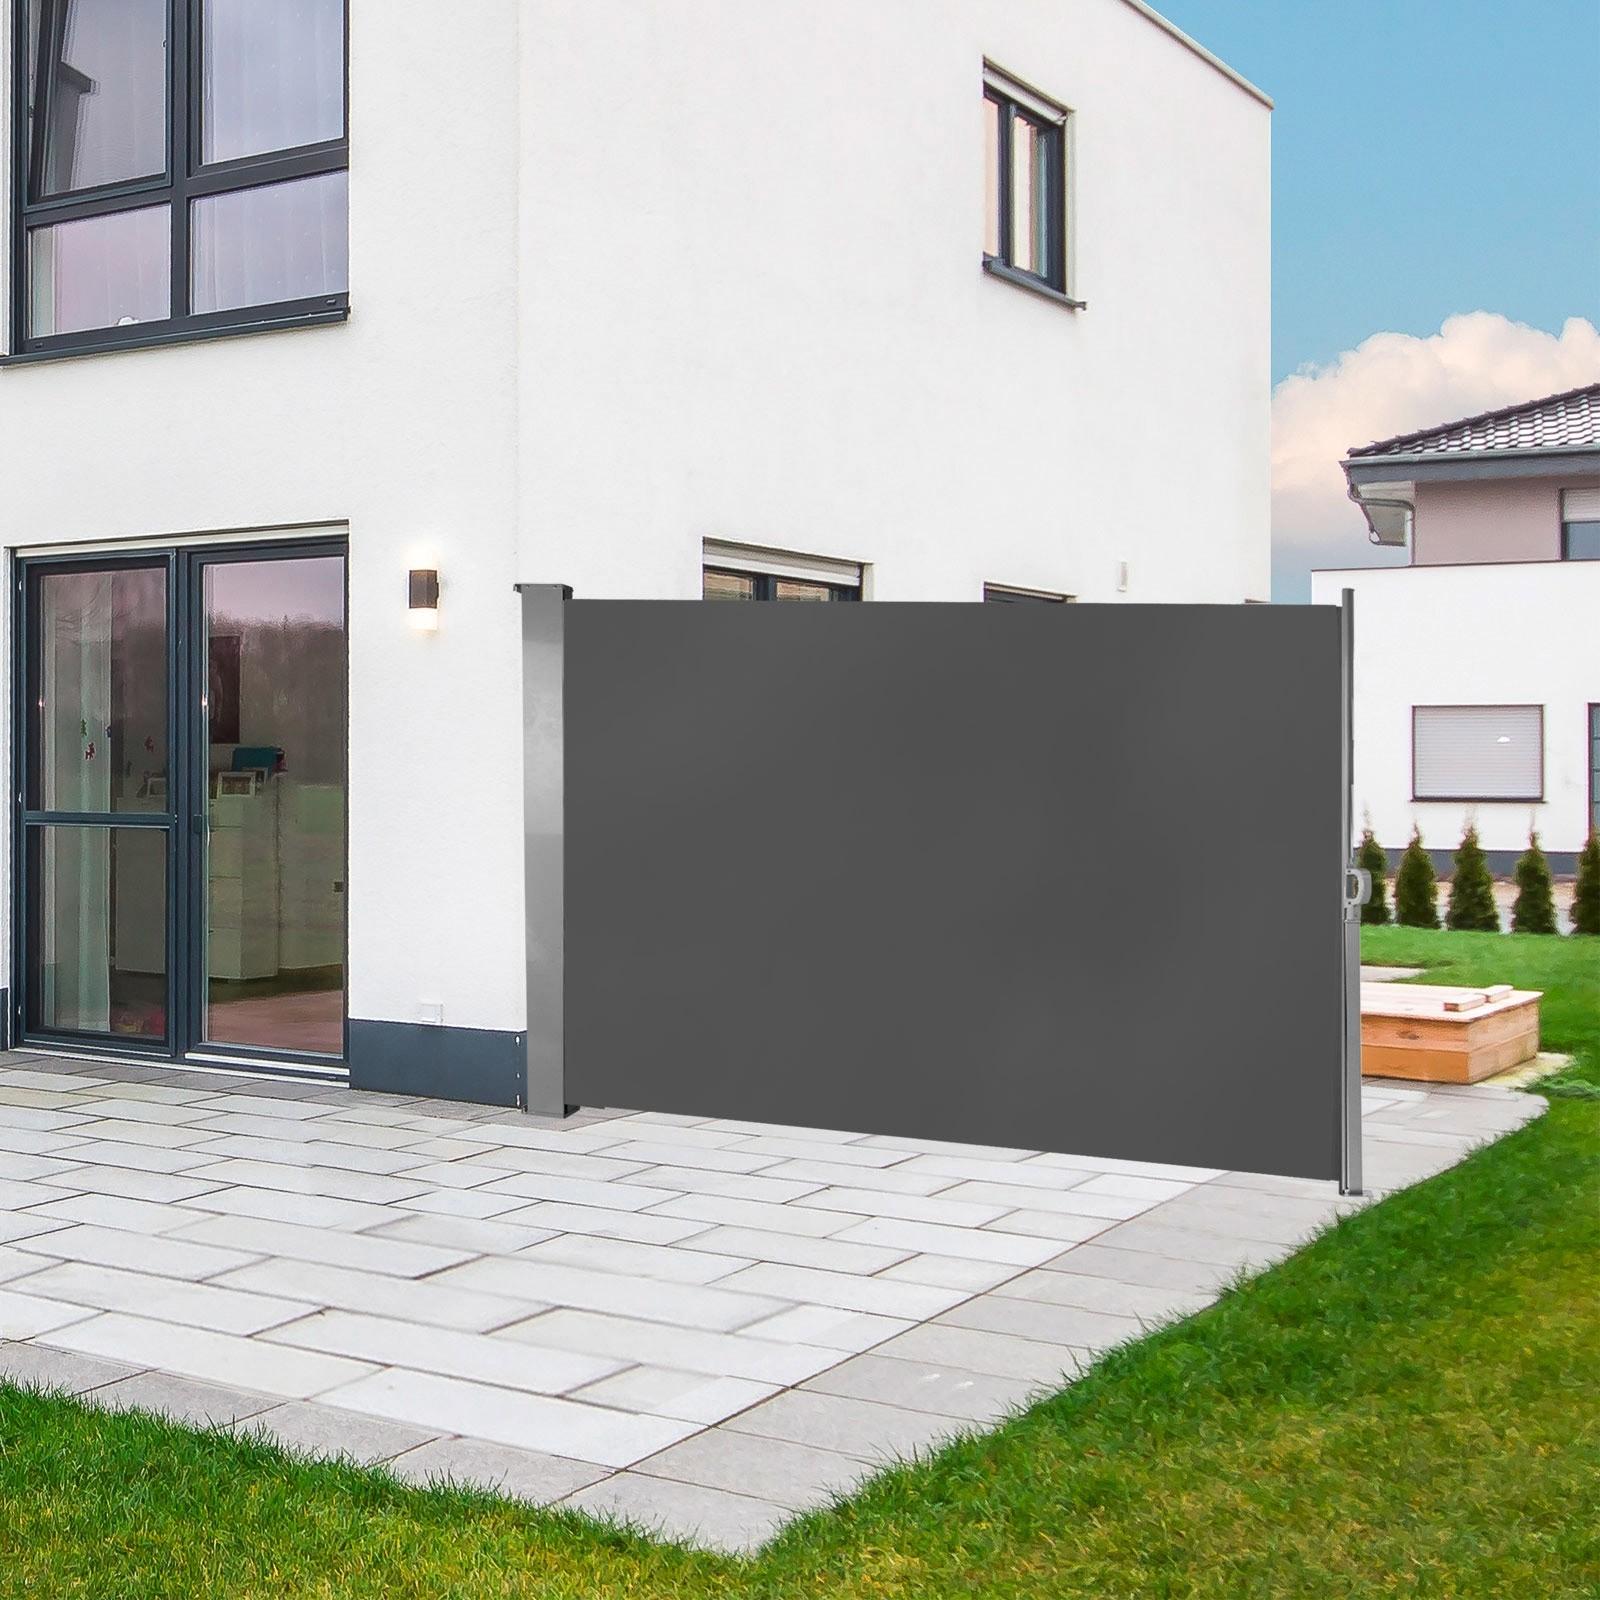 Dema Seitenwandmarkise Seitenmarkise Sichtschutz Windschutz 160 x 300 cm Anthrazit 41291